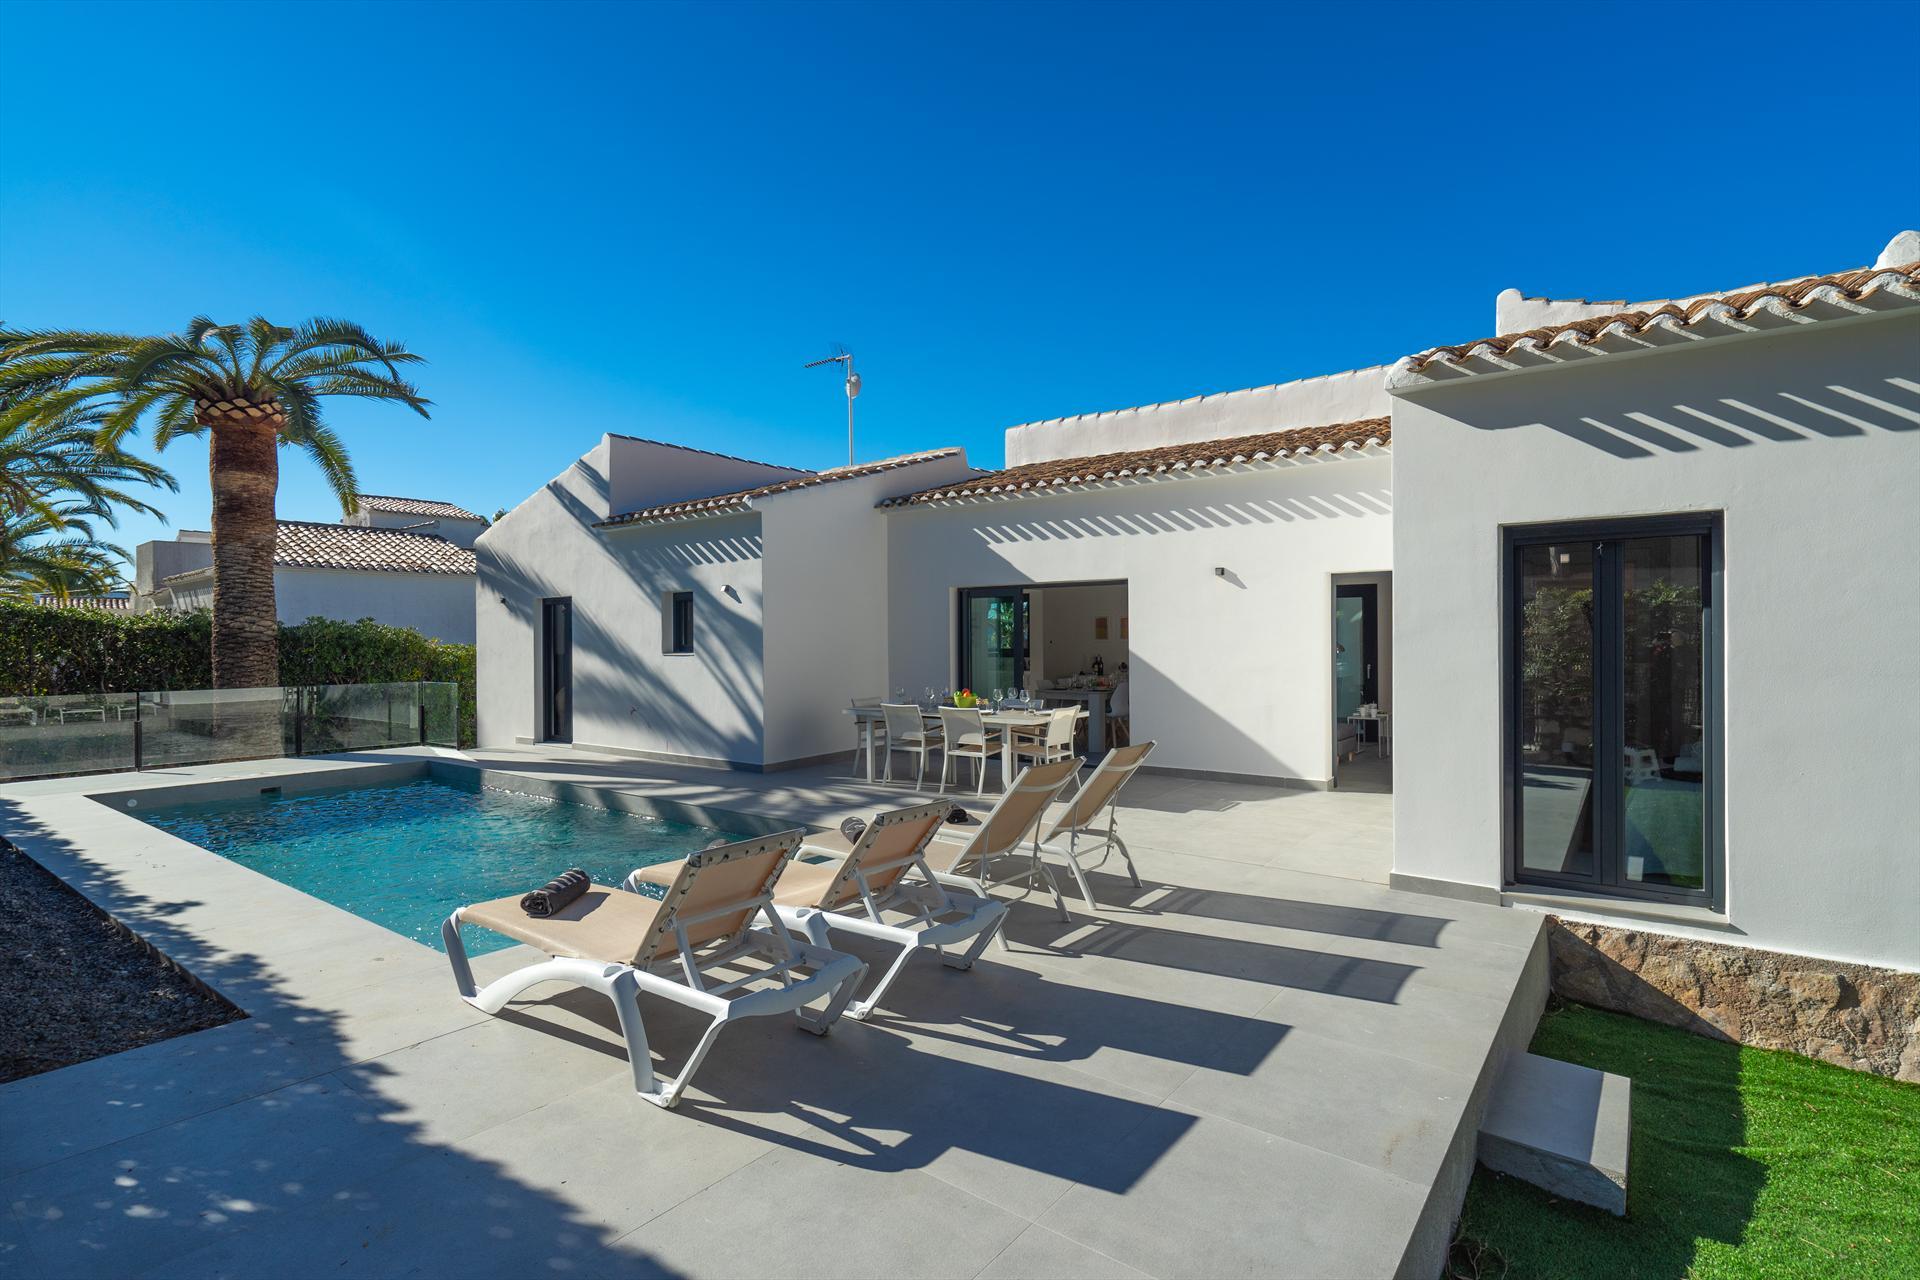 Marita 6 pax,Belle maison de vacances confortable à Javea, sur la Costa Blanca, Espagne  avec piscine privée pour 6 personnes...